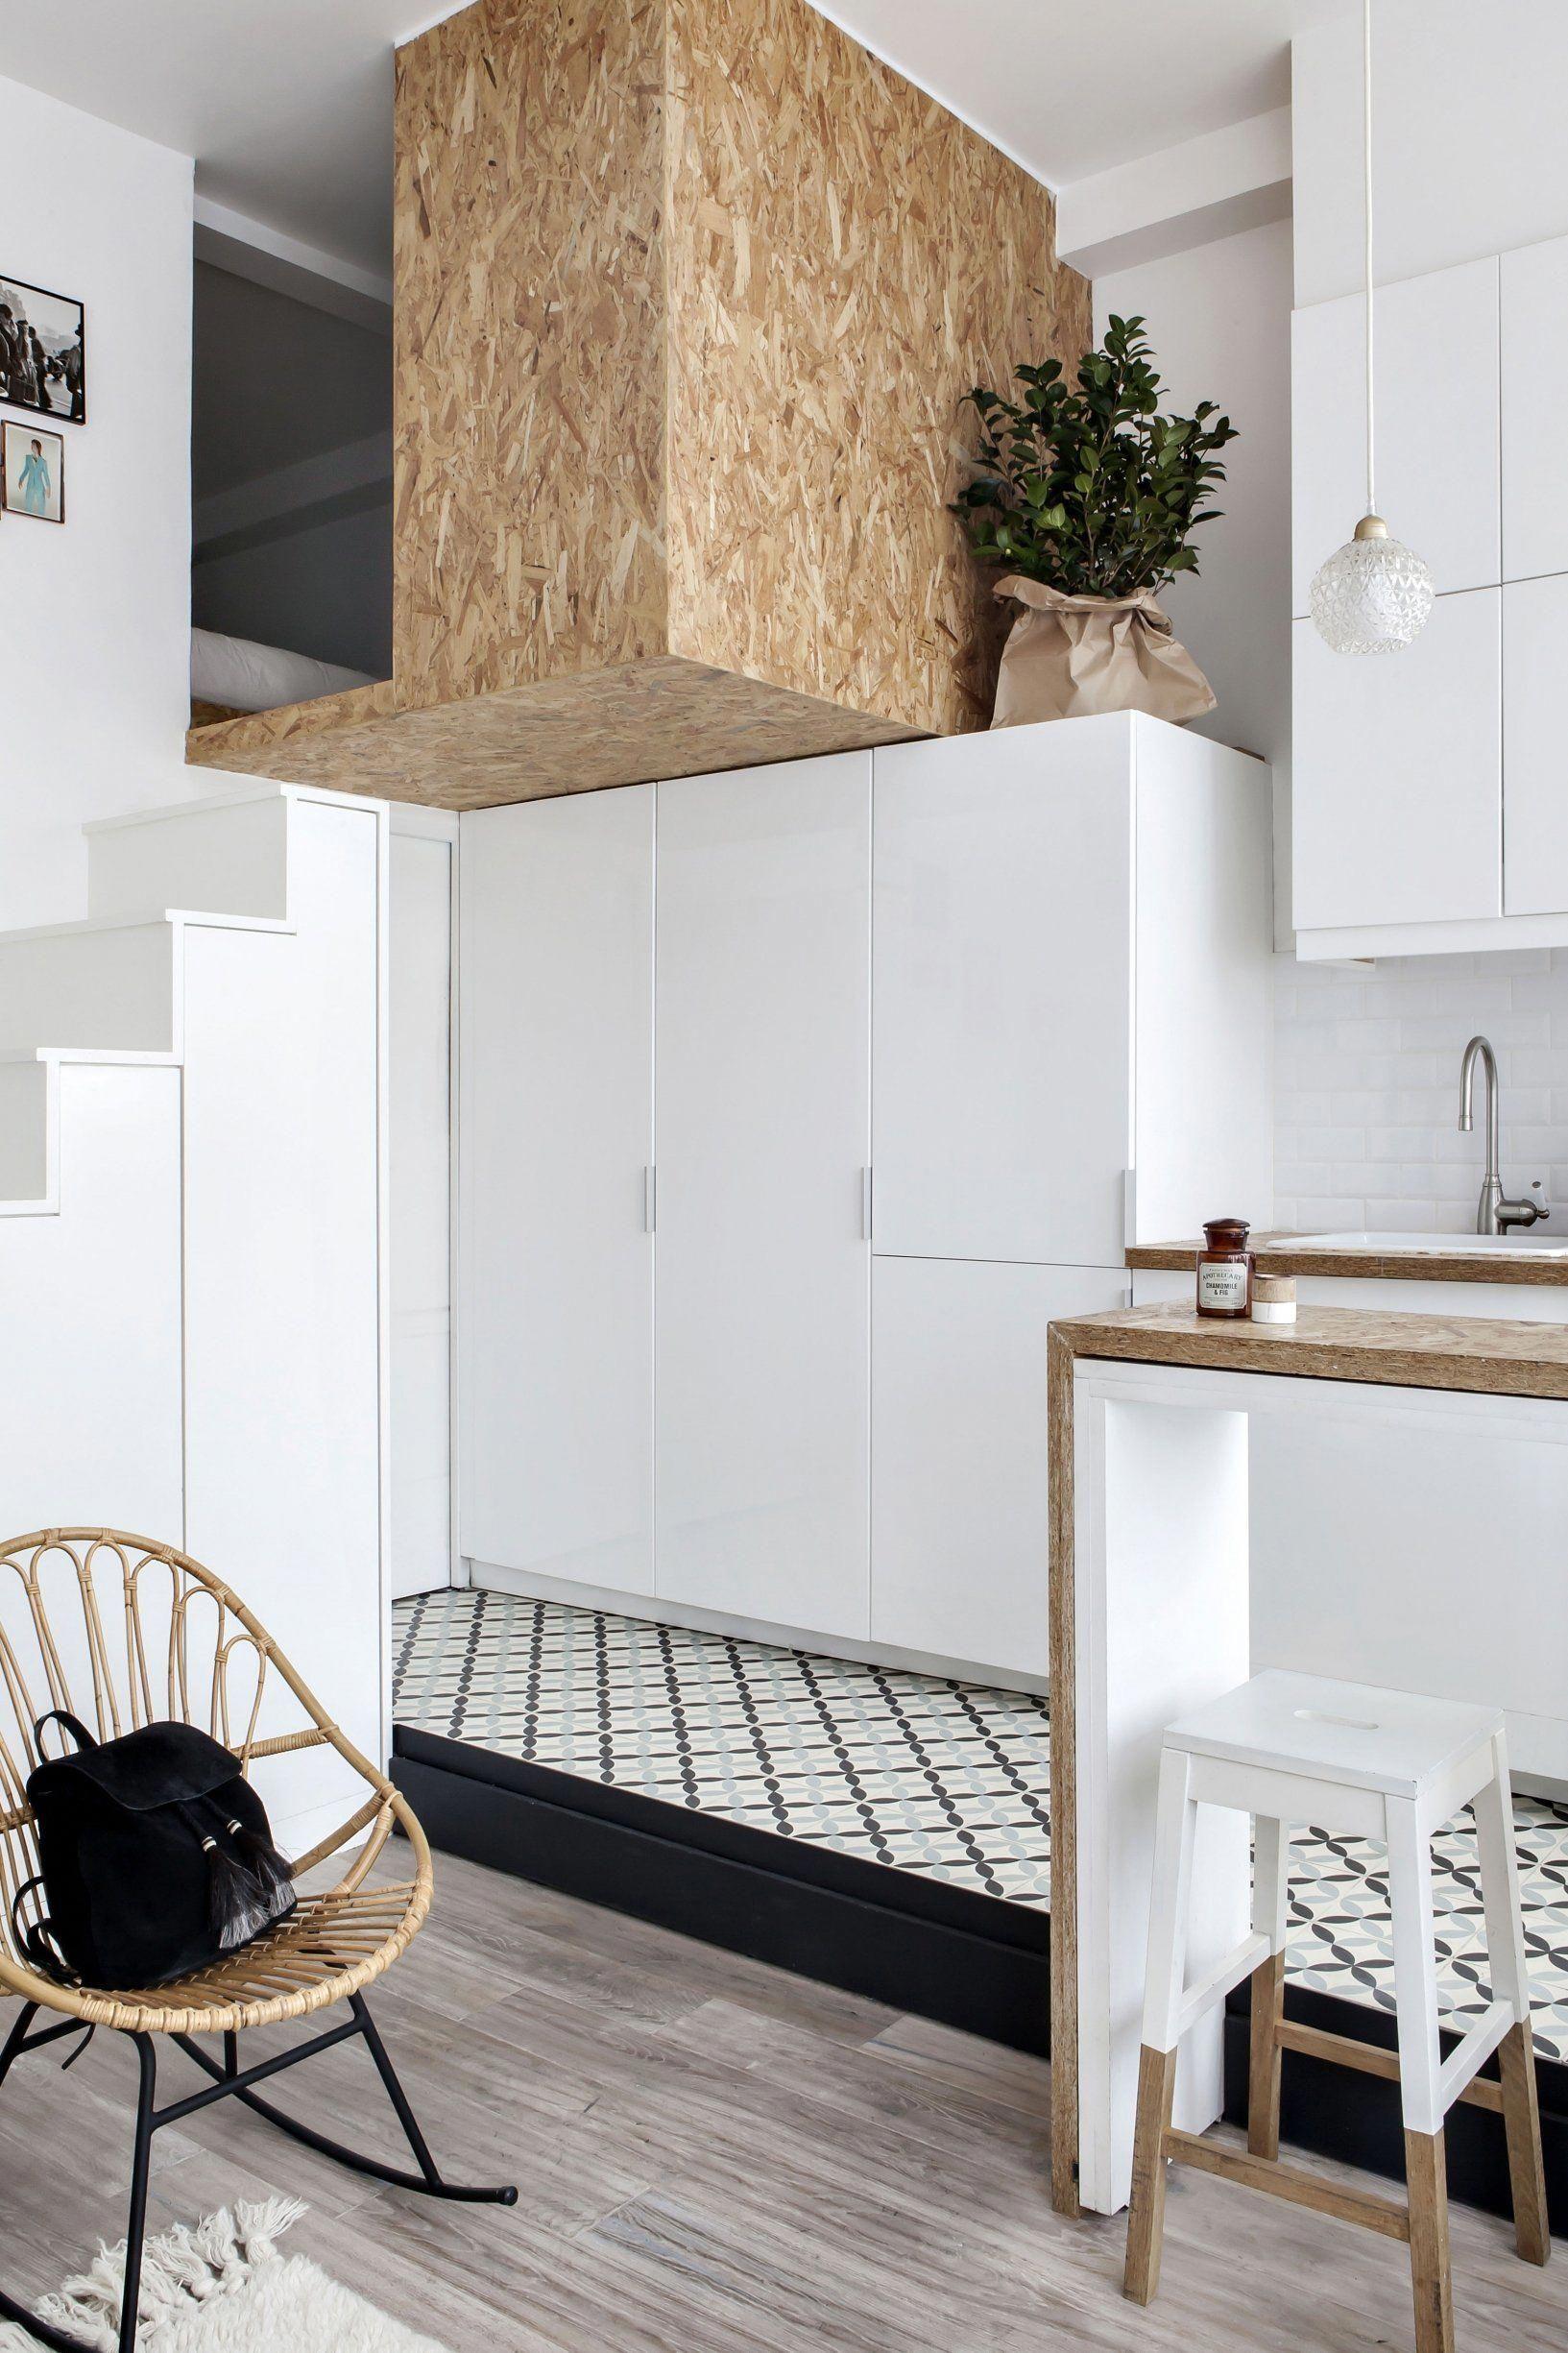 B Q Home Decorating Ideas Homedecornigeria Nearme Home Decor Home Office Design Trendy Home